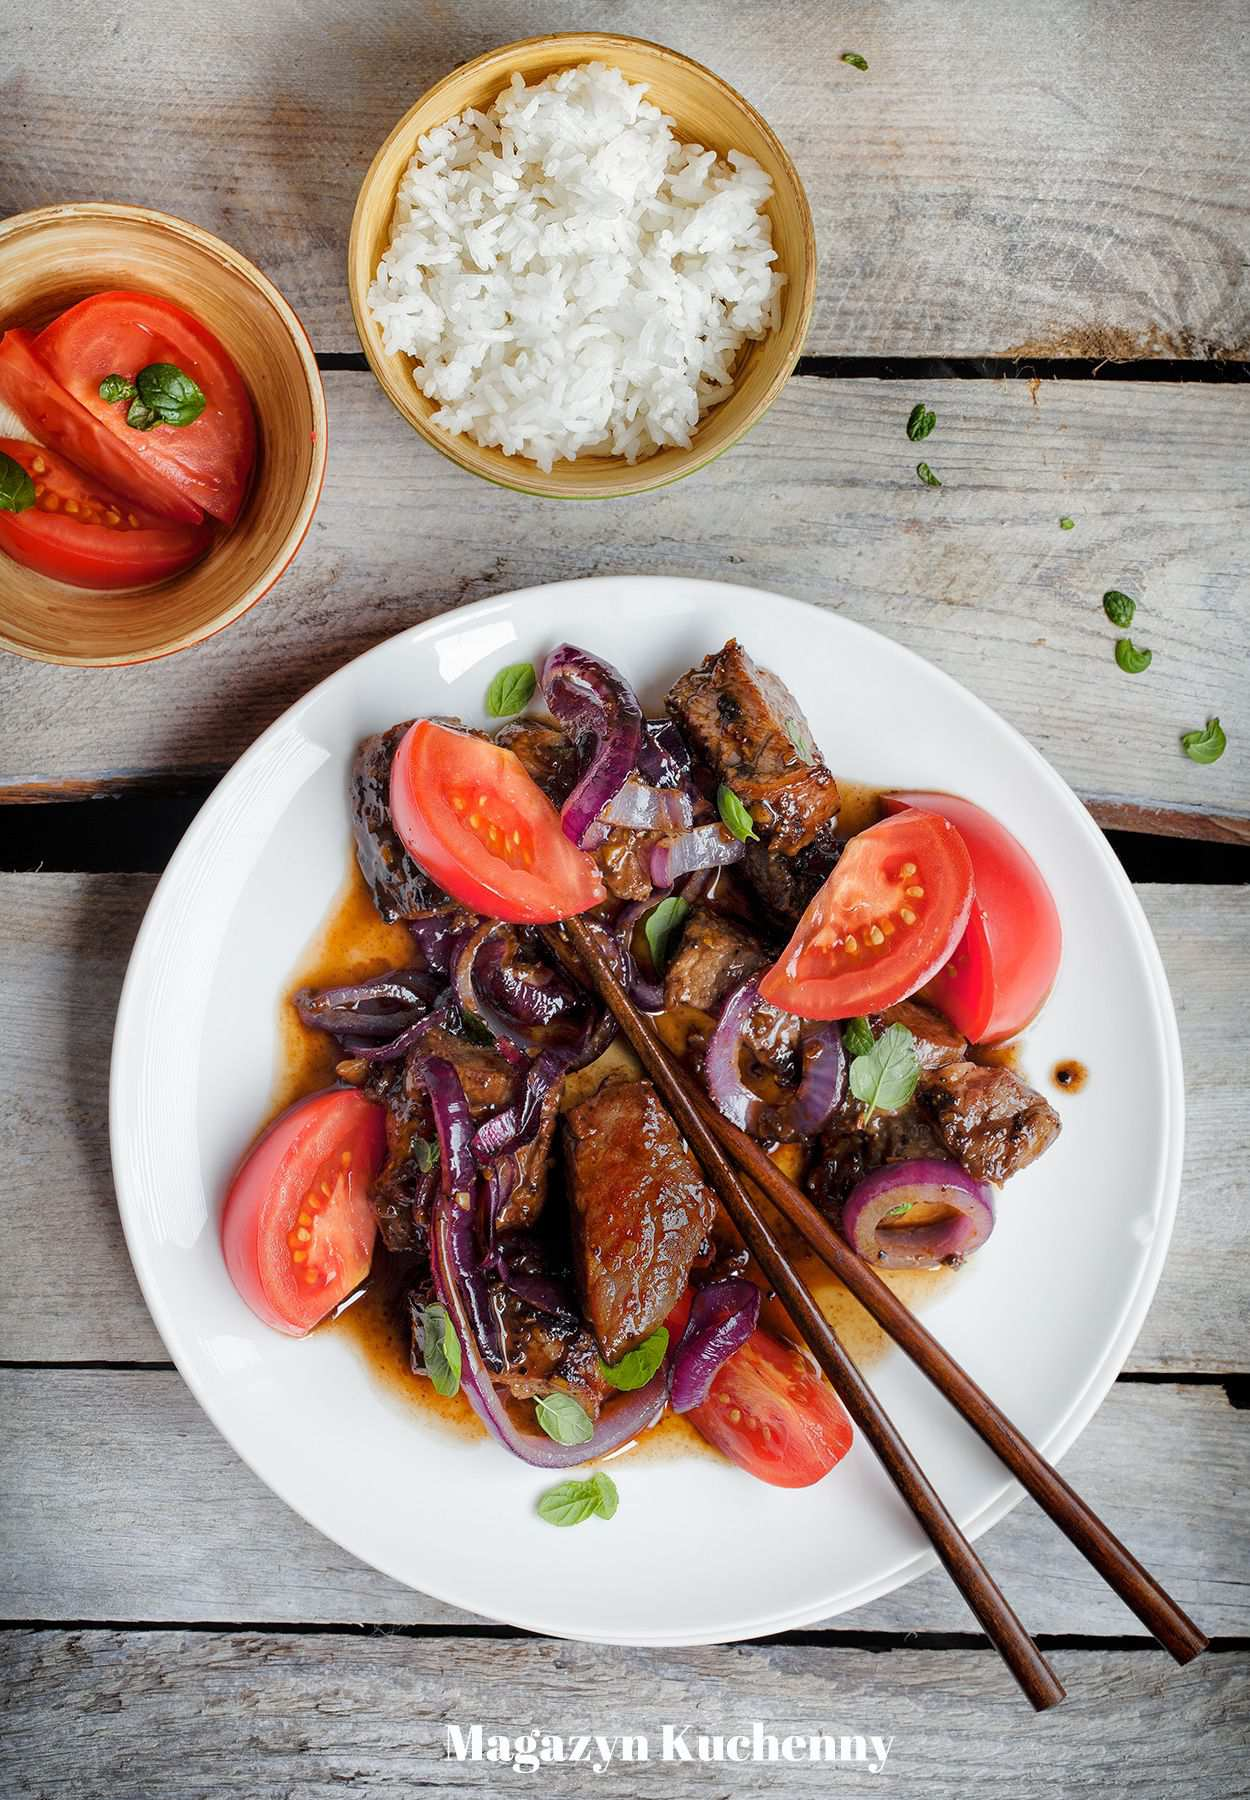 Wietnamska wołowina z patelni